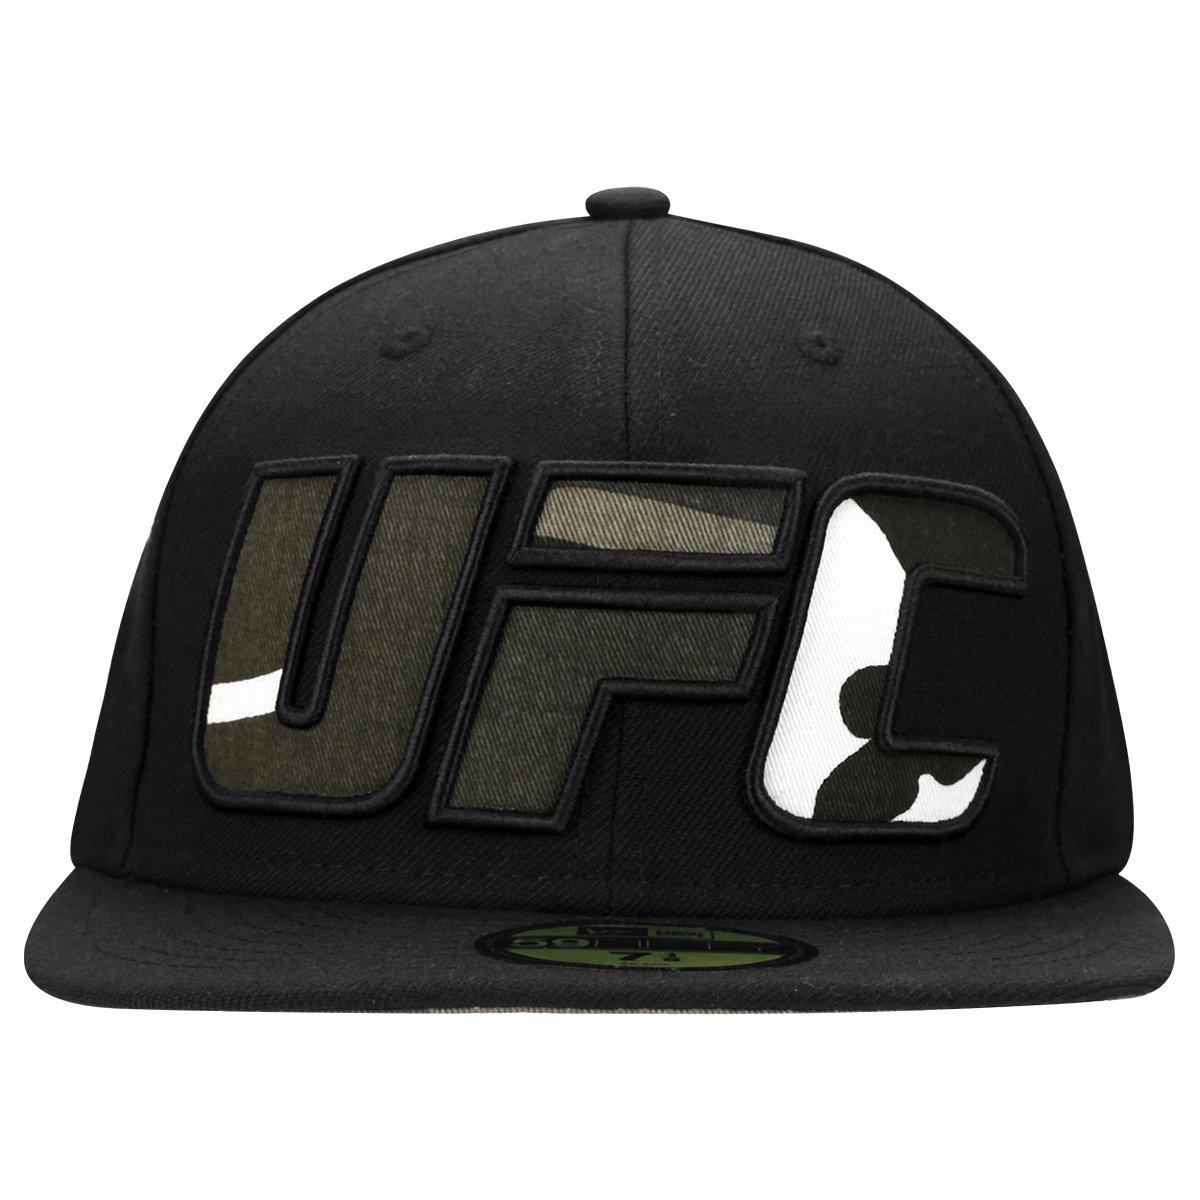 88db6e1334ec4 Boné New Era UFC Camo - Compre Agora